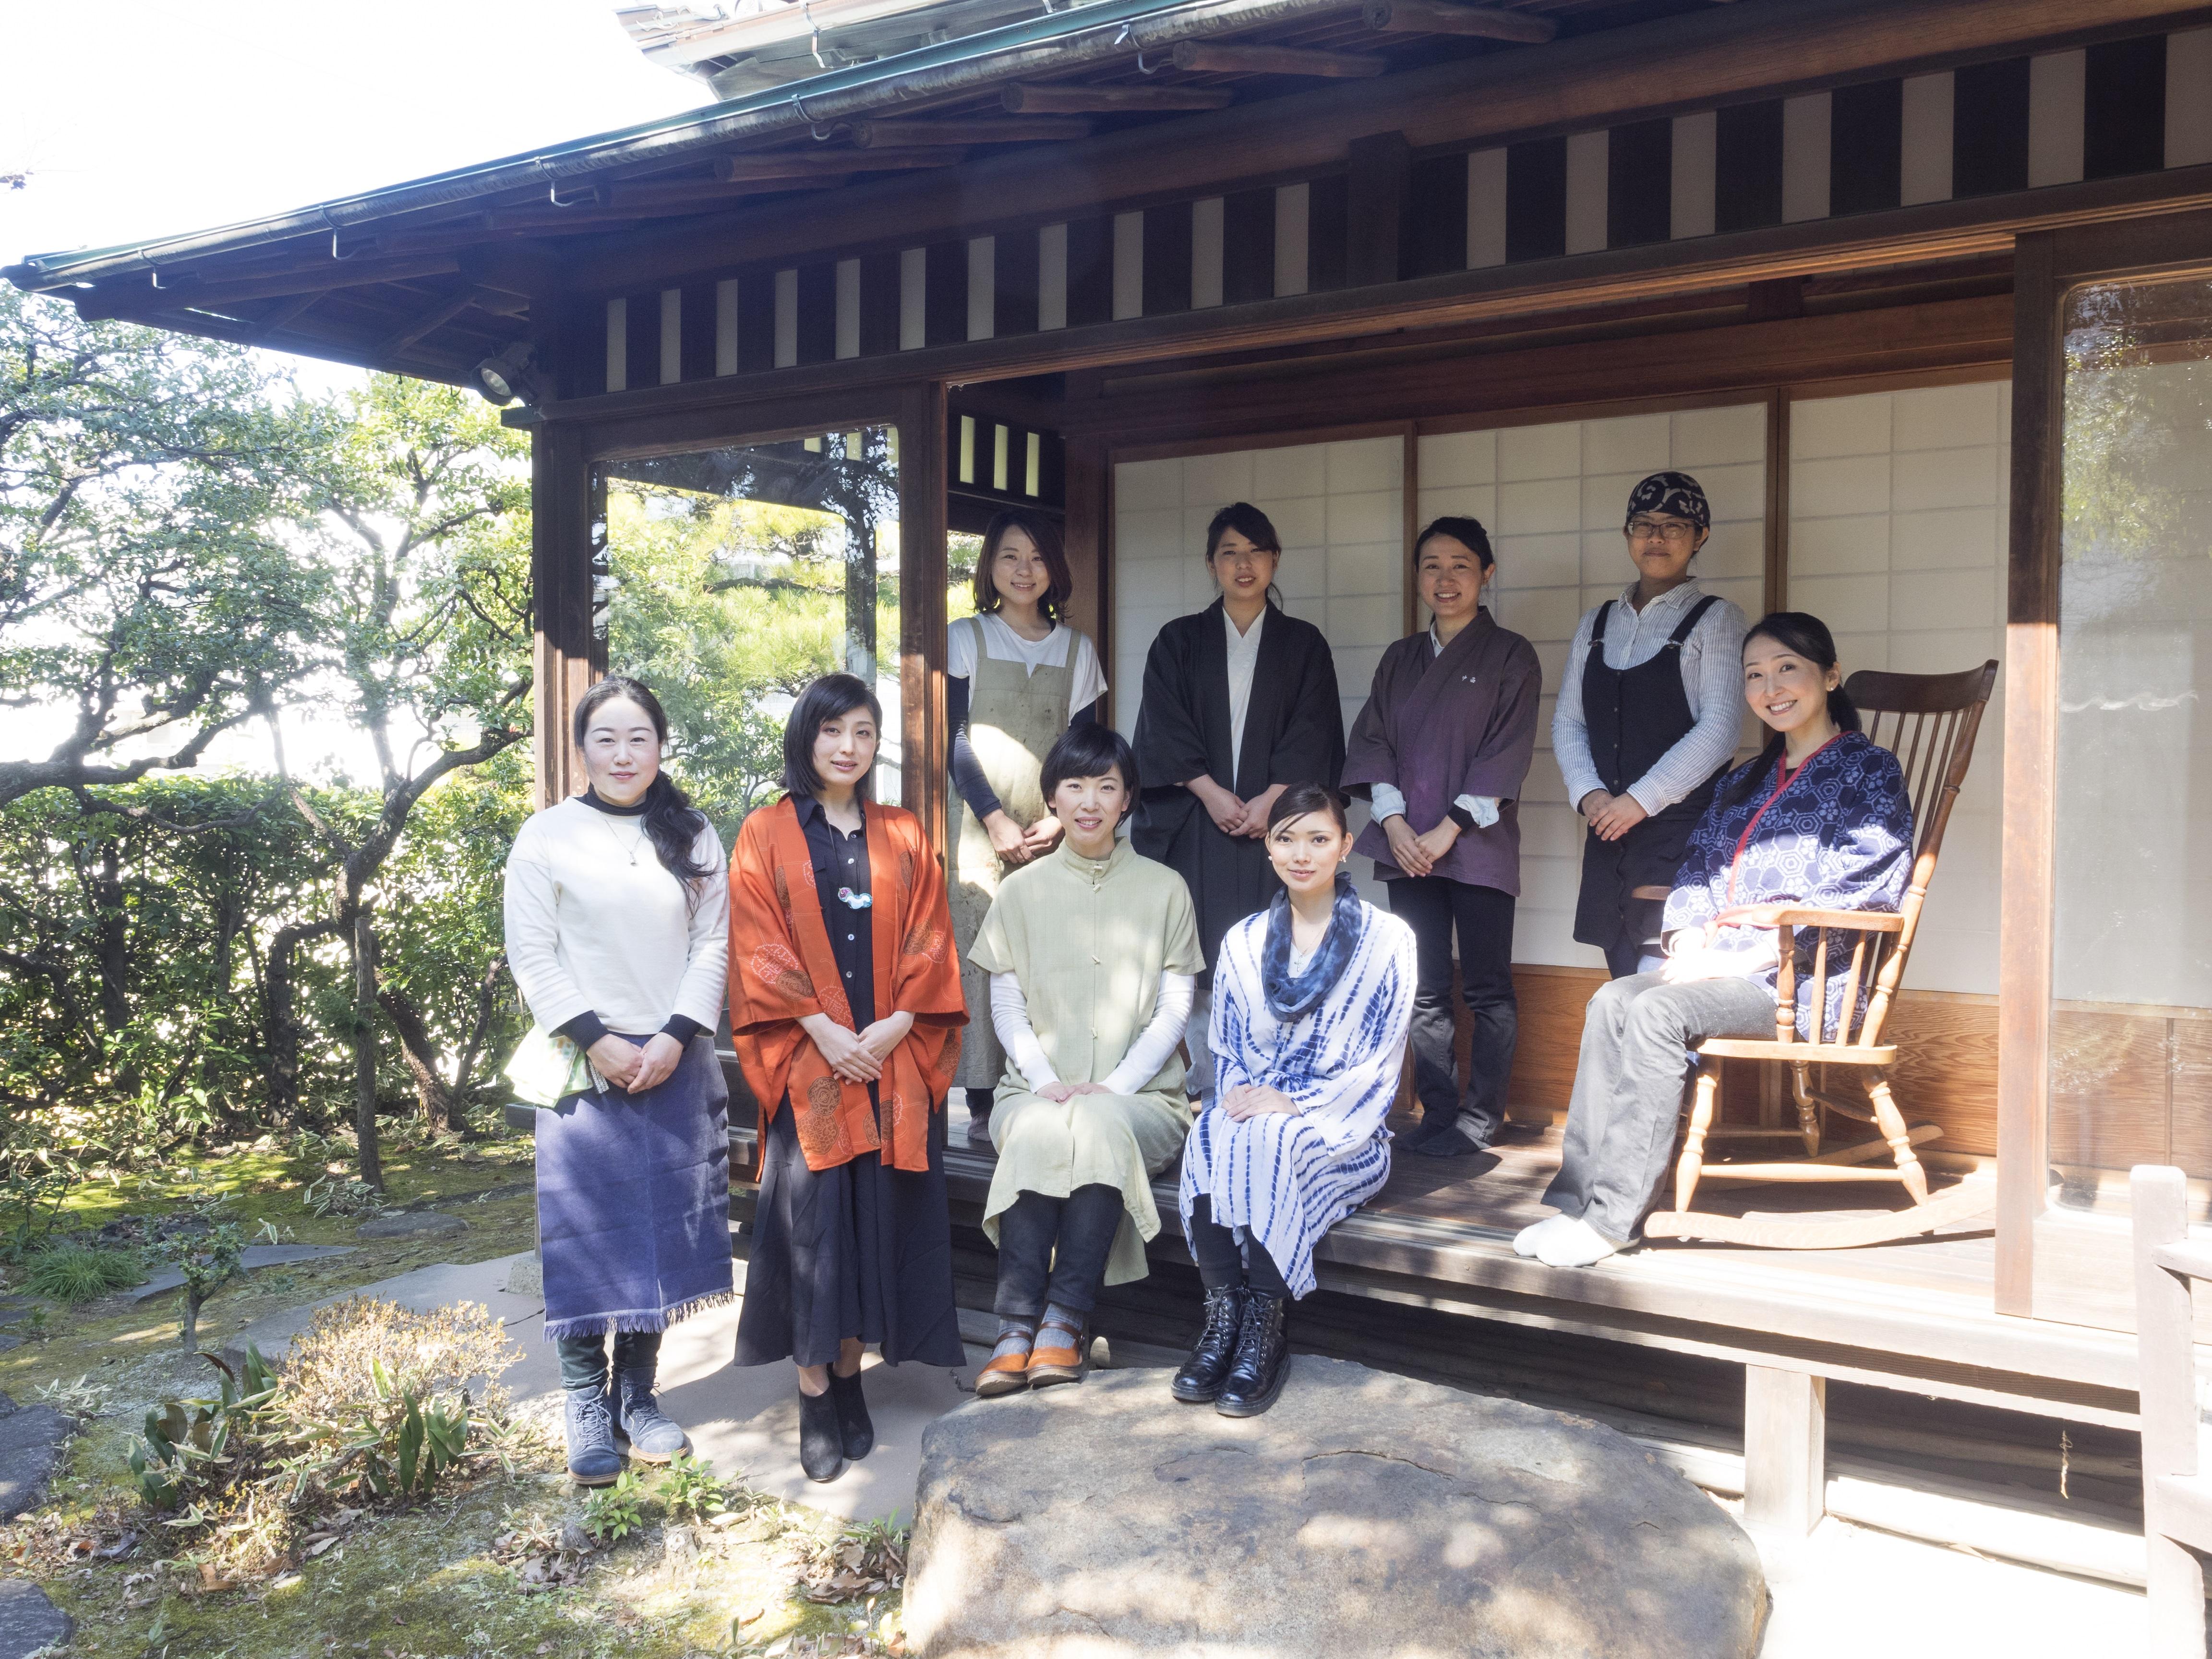 「凛九」のメンバー。右端が梶浦さん。